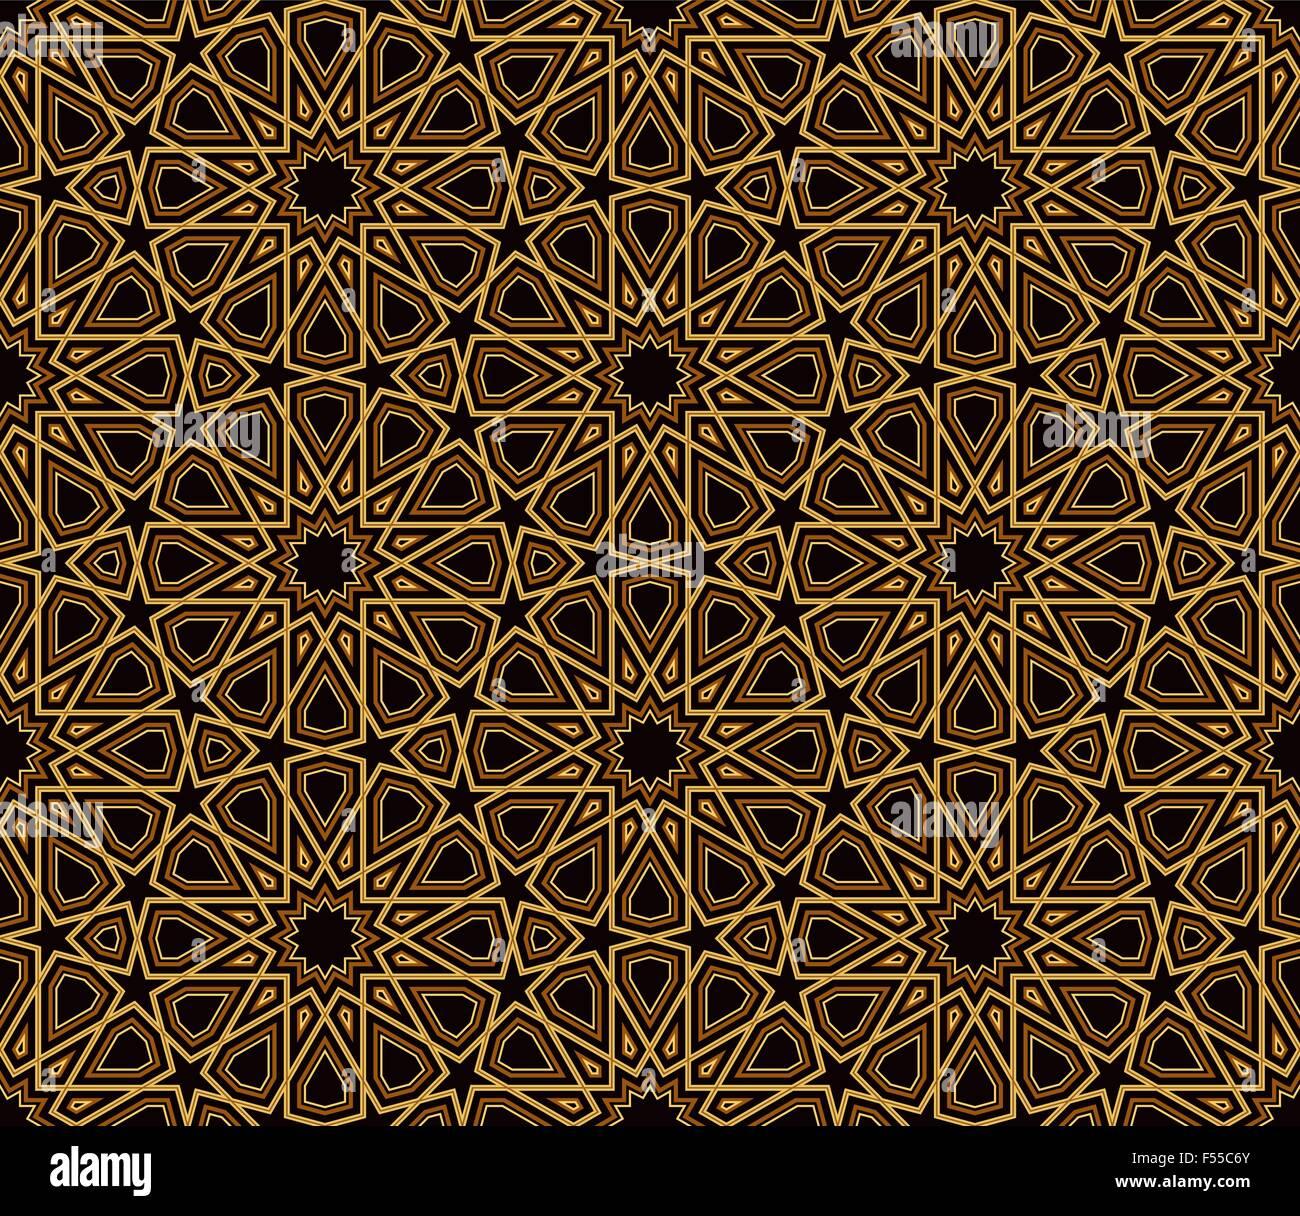 Arabesque Schwarz & Gold Muster, dunklen Hintergrund, Vektor ...